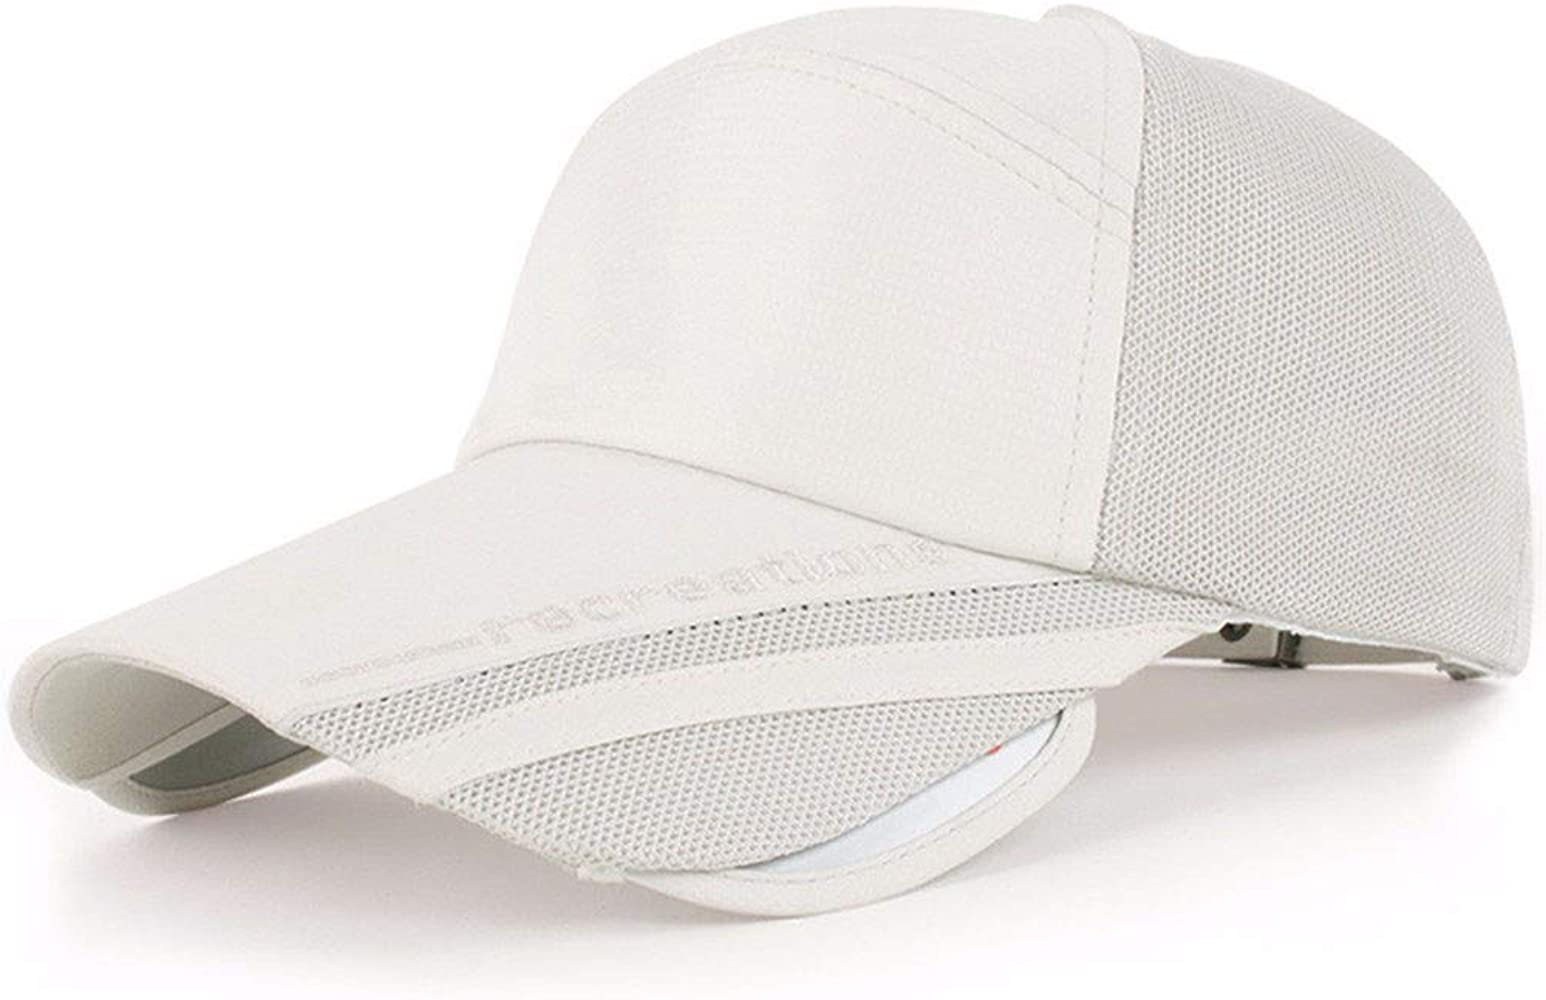 MZ Sombreros y Gorras para Gorra de Beisbol de Verano, Cinco ...